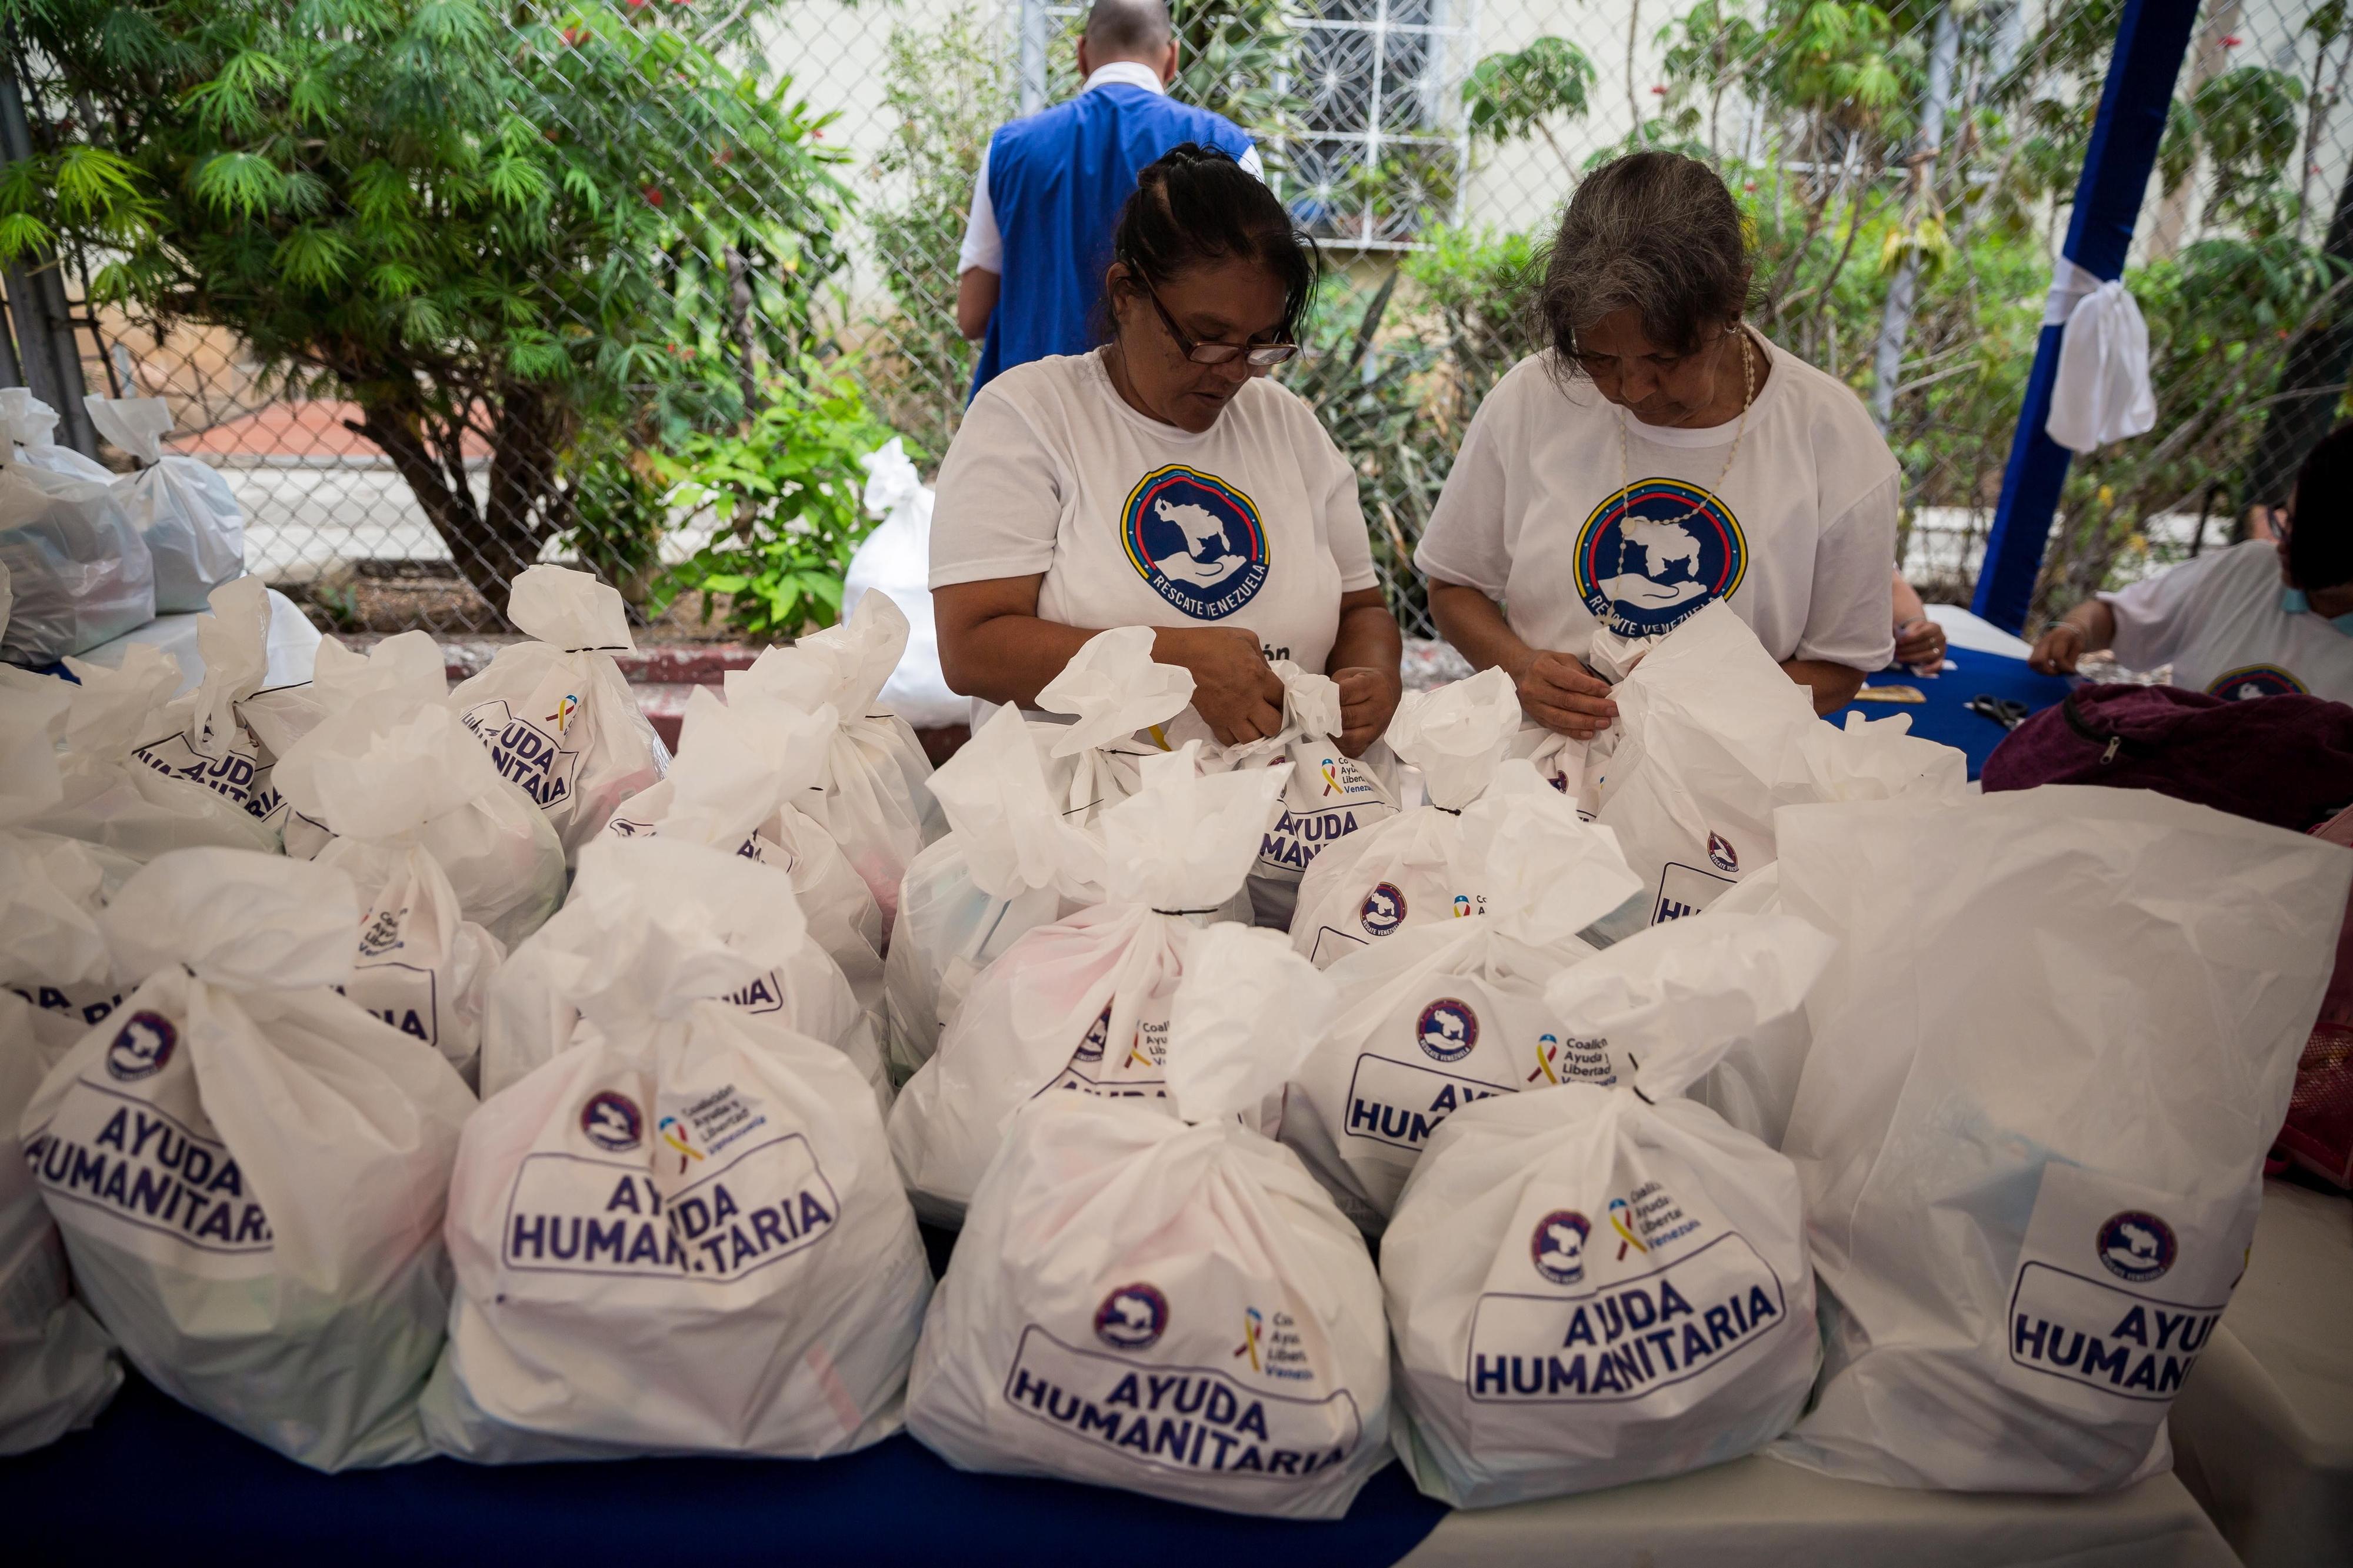 Venezuela: Cruz Vermelha anuncia entrada de 24 toneladas de ajuda humanitária